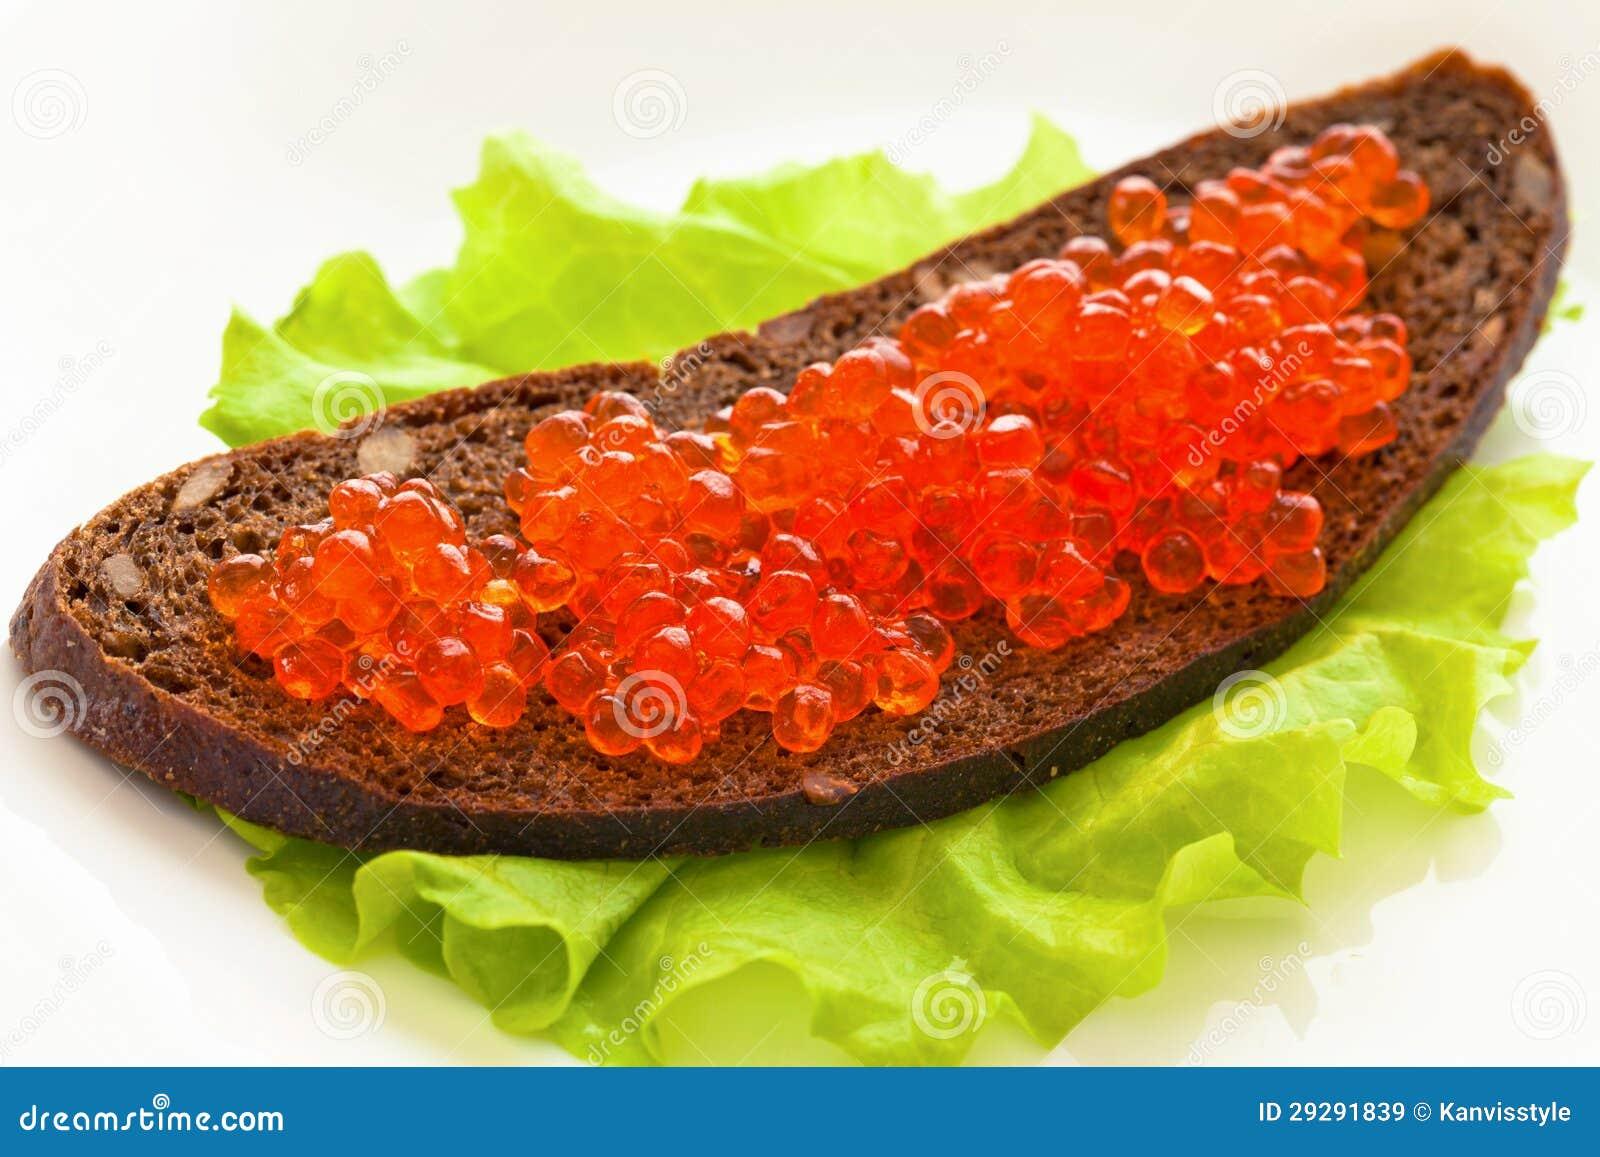 Το κόκκινο χαβιάρι, είναι στο ψωμί σε μια πράσινη σαλάτα φύλλων